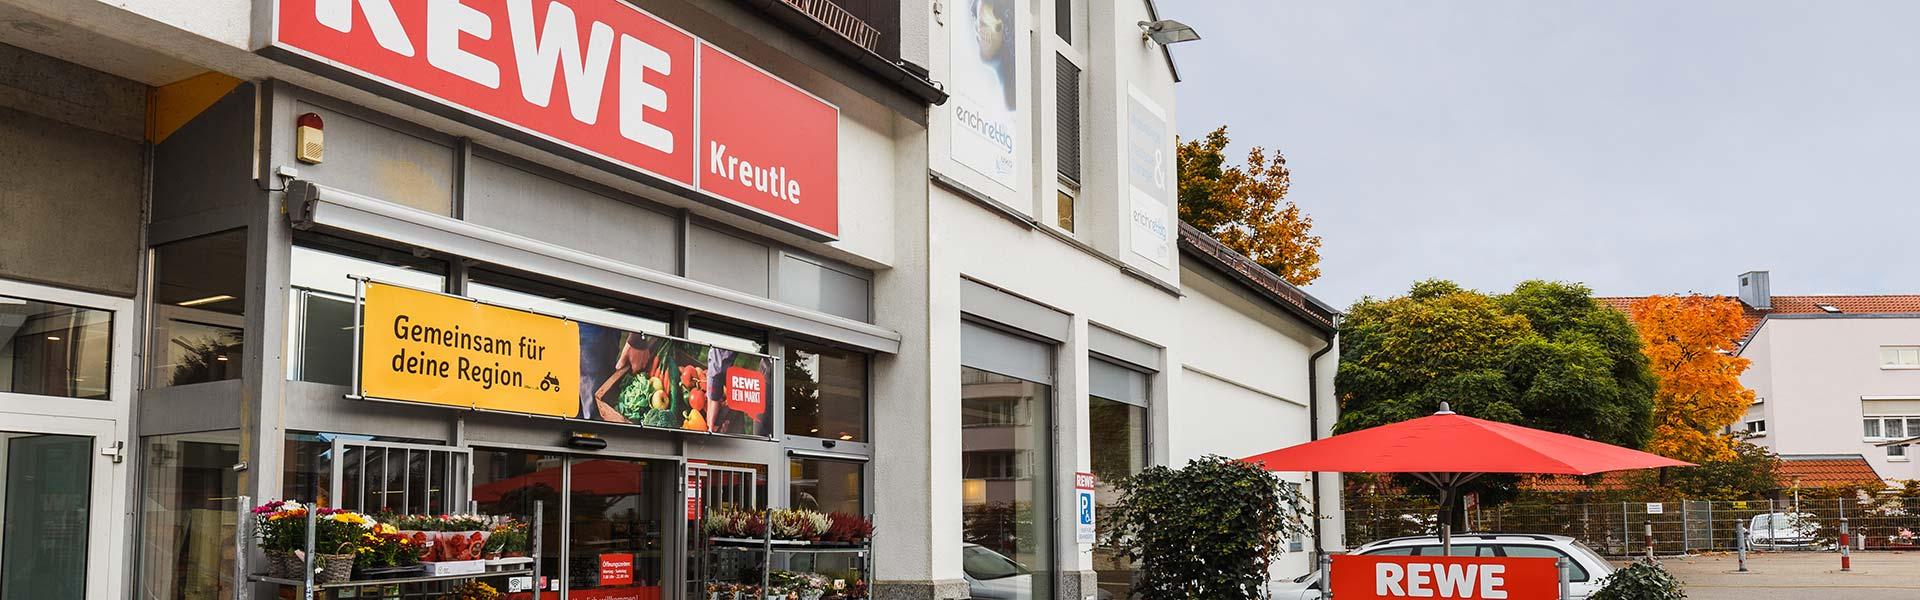 REWE Kreutle in Friedrichshafen